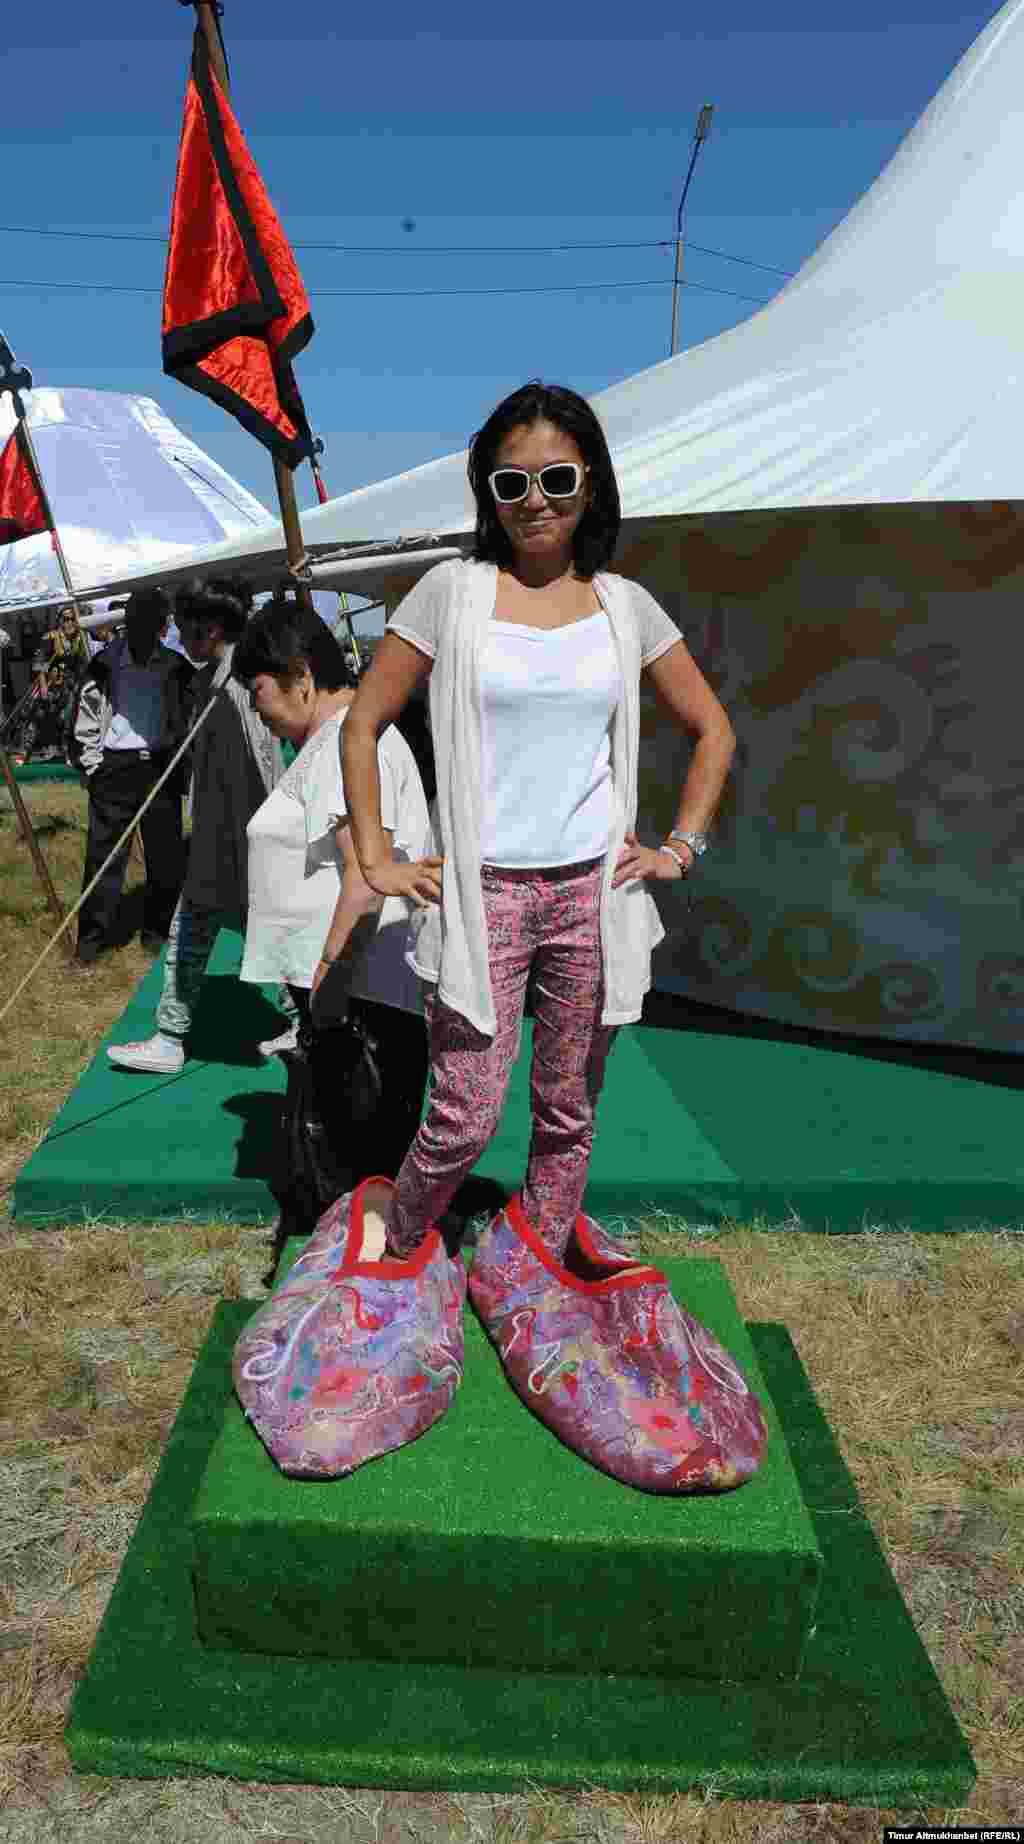 Гостья фестиваля позирует для фото в огромных войлочных бутафорных тапочках.